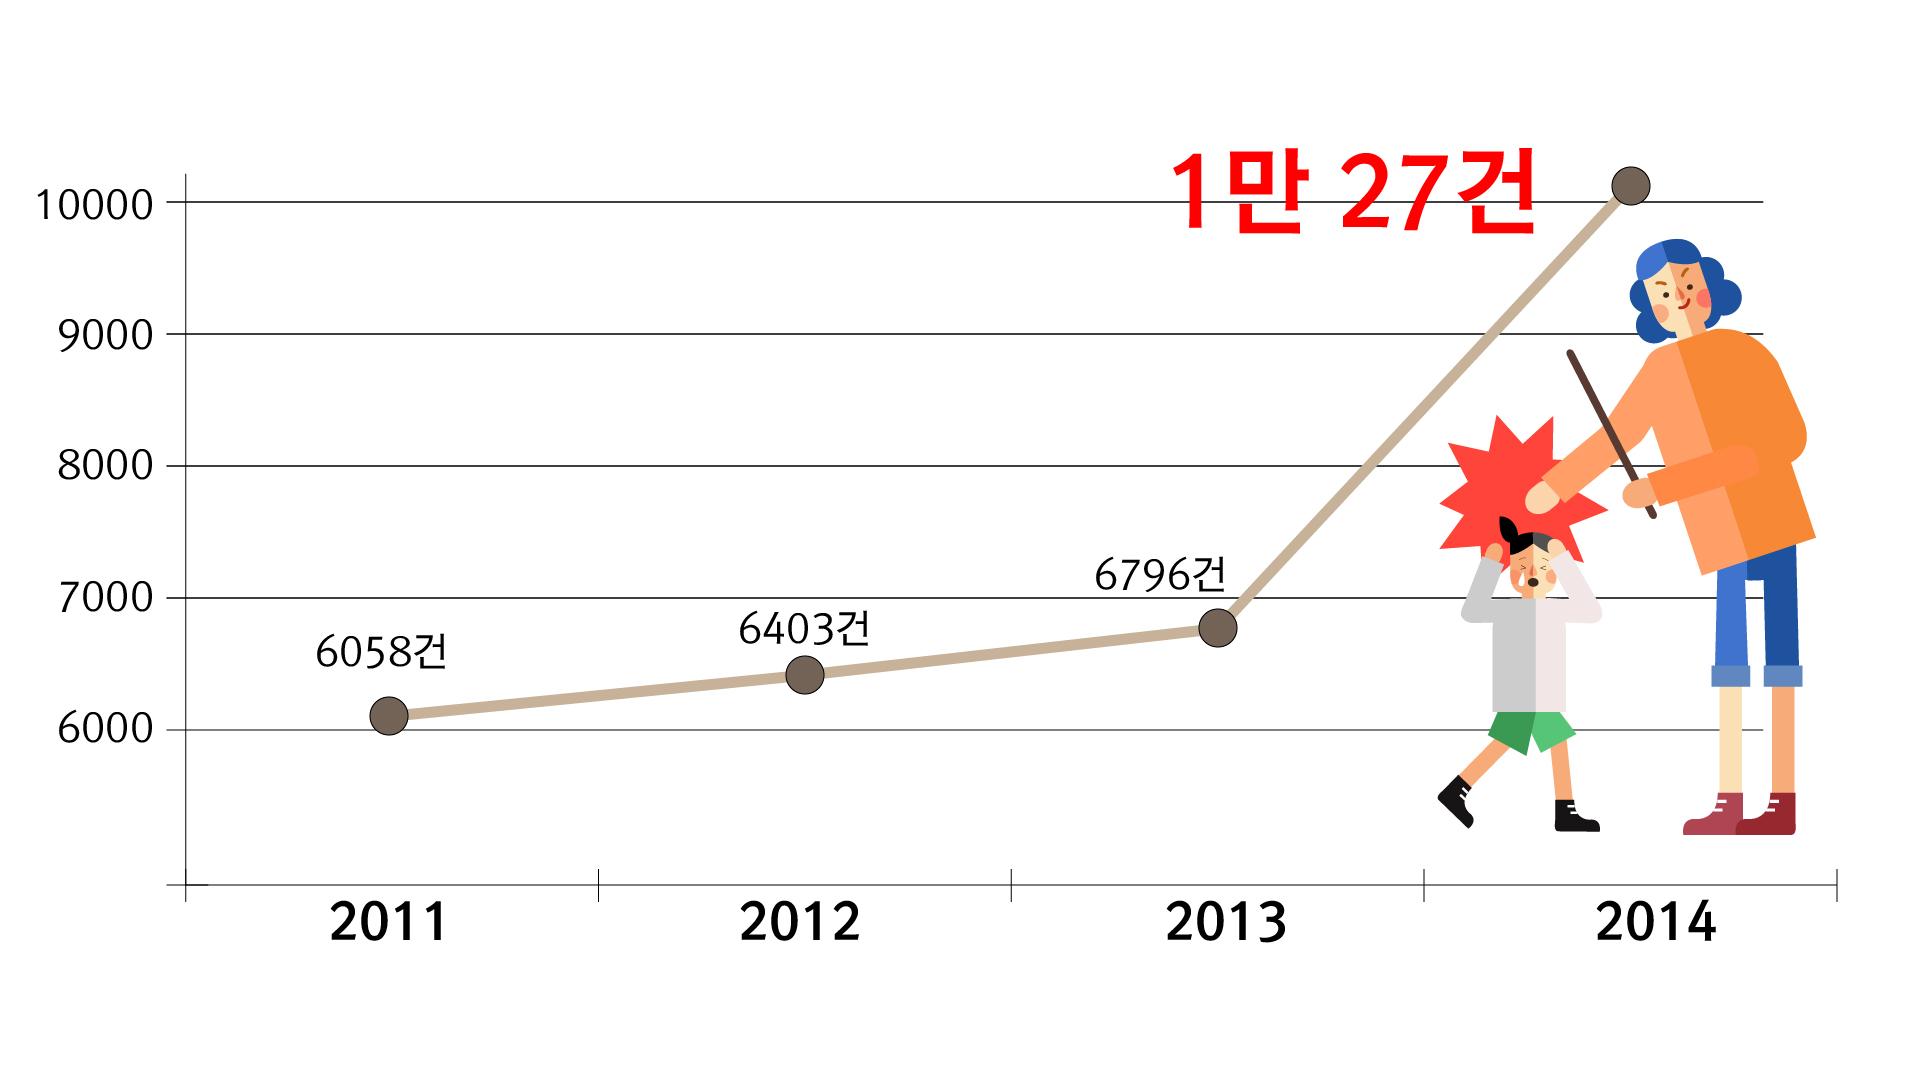 지난 2014년 이후로 아동학대 발생 건수가 1만 건을 돌파했다. 최근 들어 더욱 급증하고 있는 추세다. 안기성 기자 ⓒ베이비뉴스